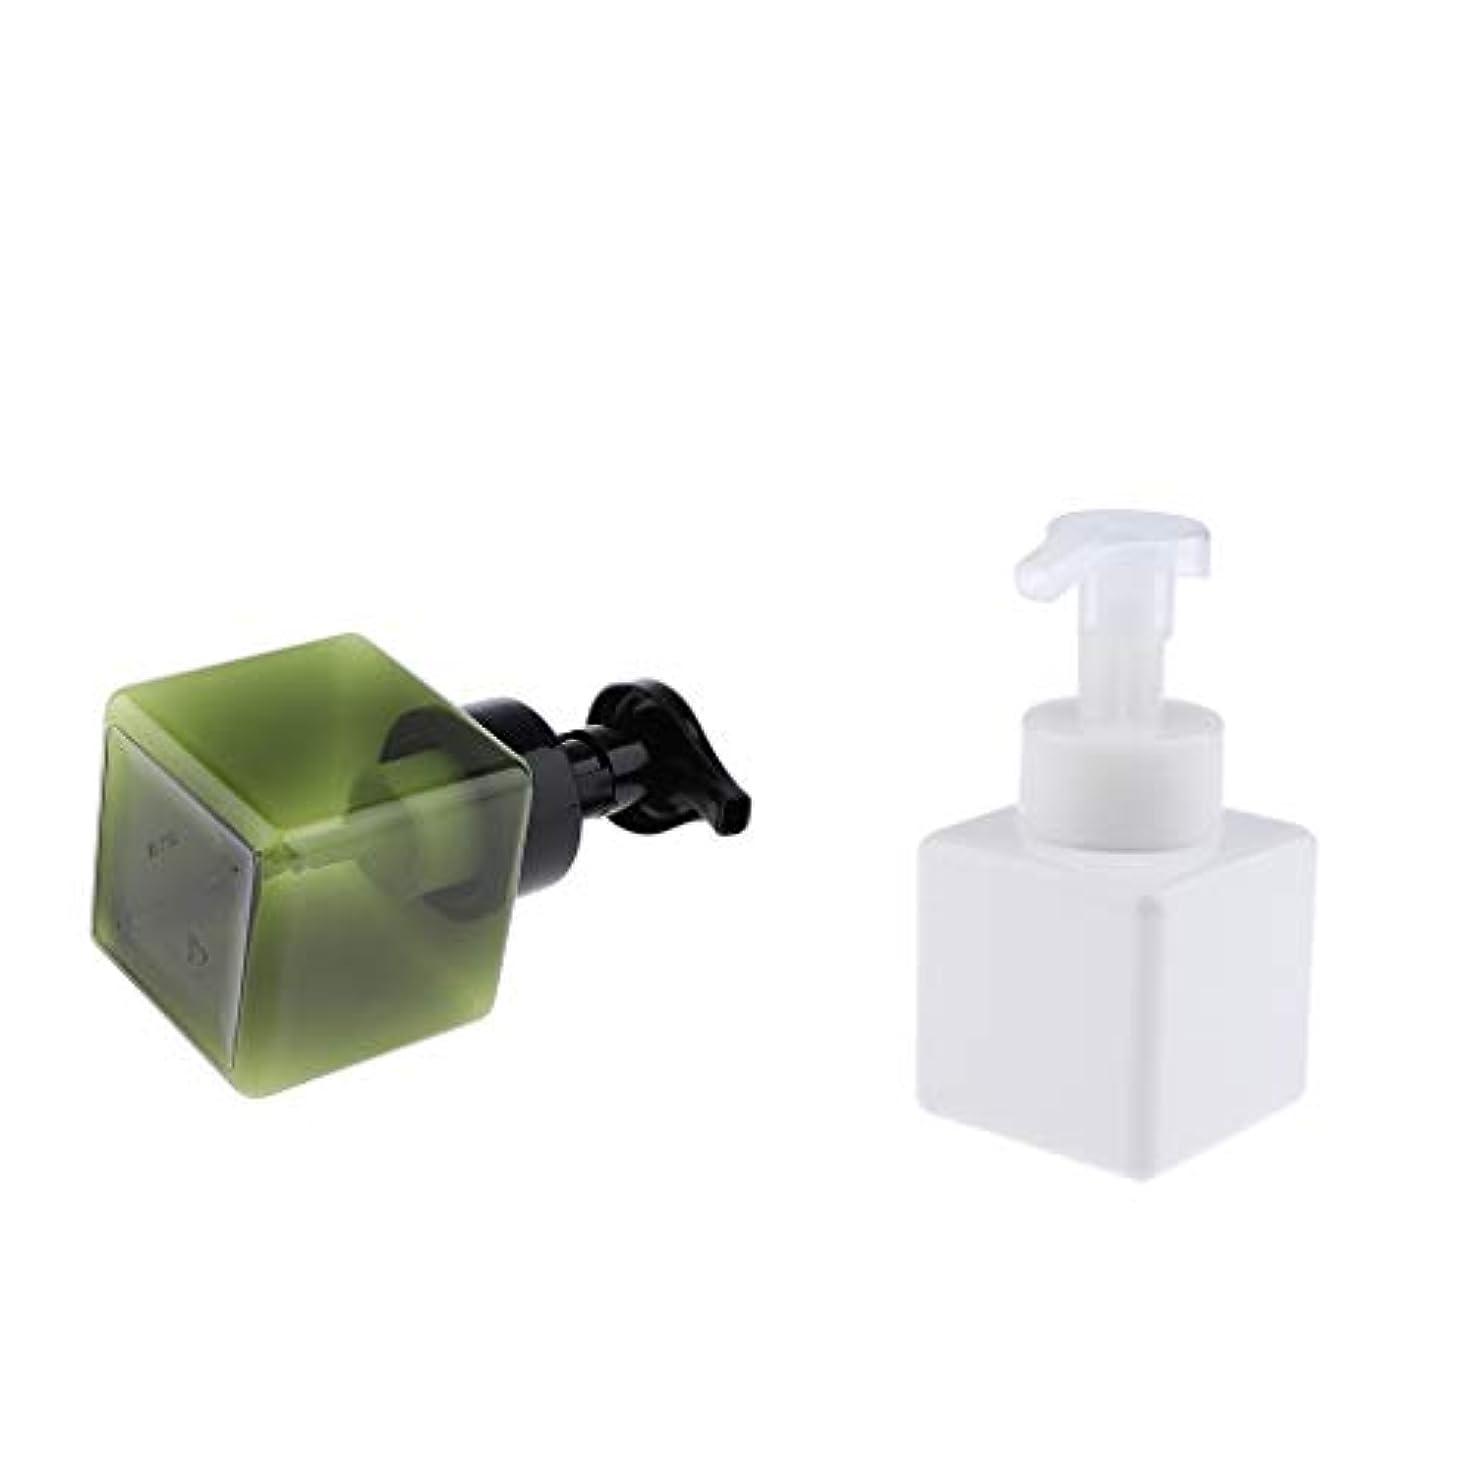 国家市区町村叱るCUTICATE 泡ボトル 携帯用 洗剤用詰め替え容器 約250ミリリットル 泡ハンドソープ ボディソープ 洗顔フォーム